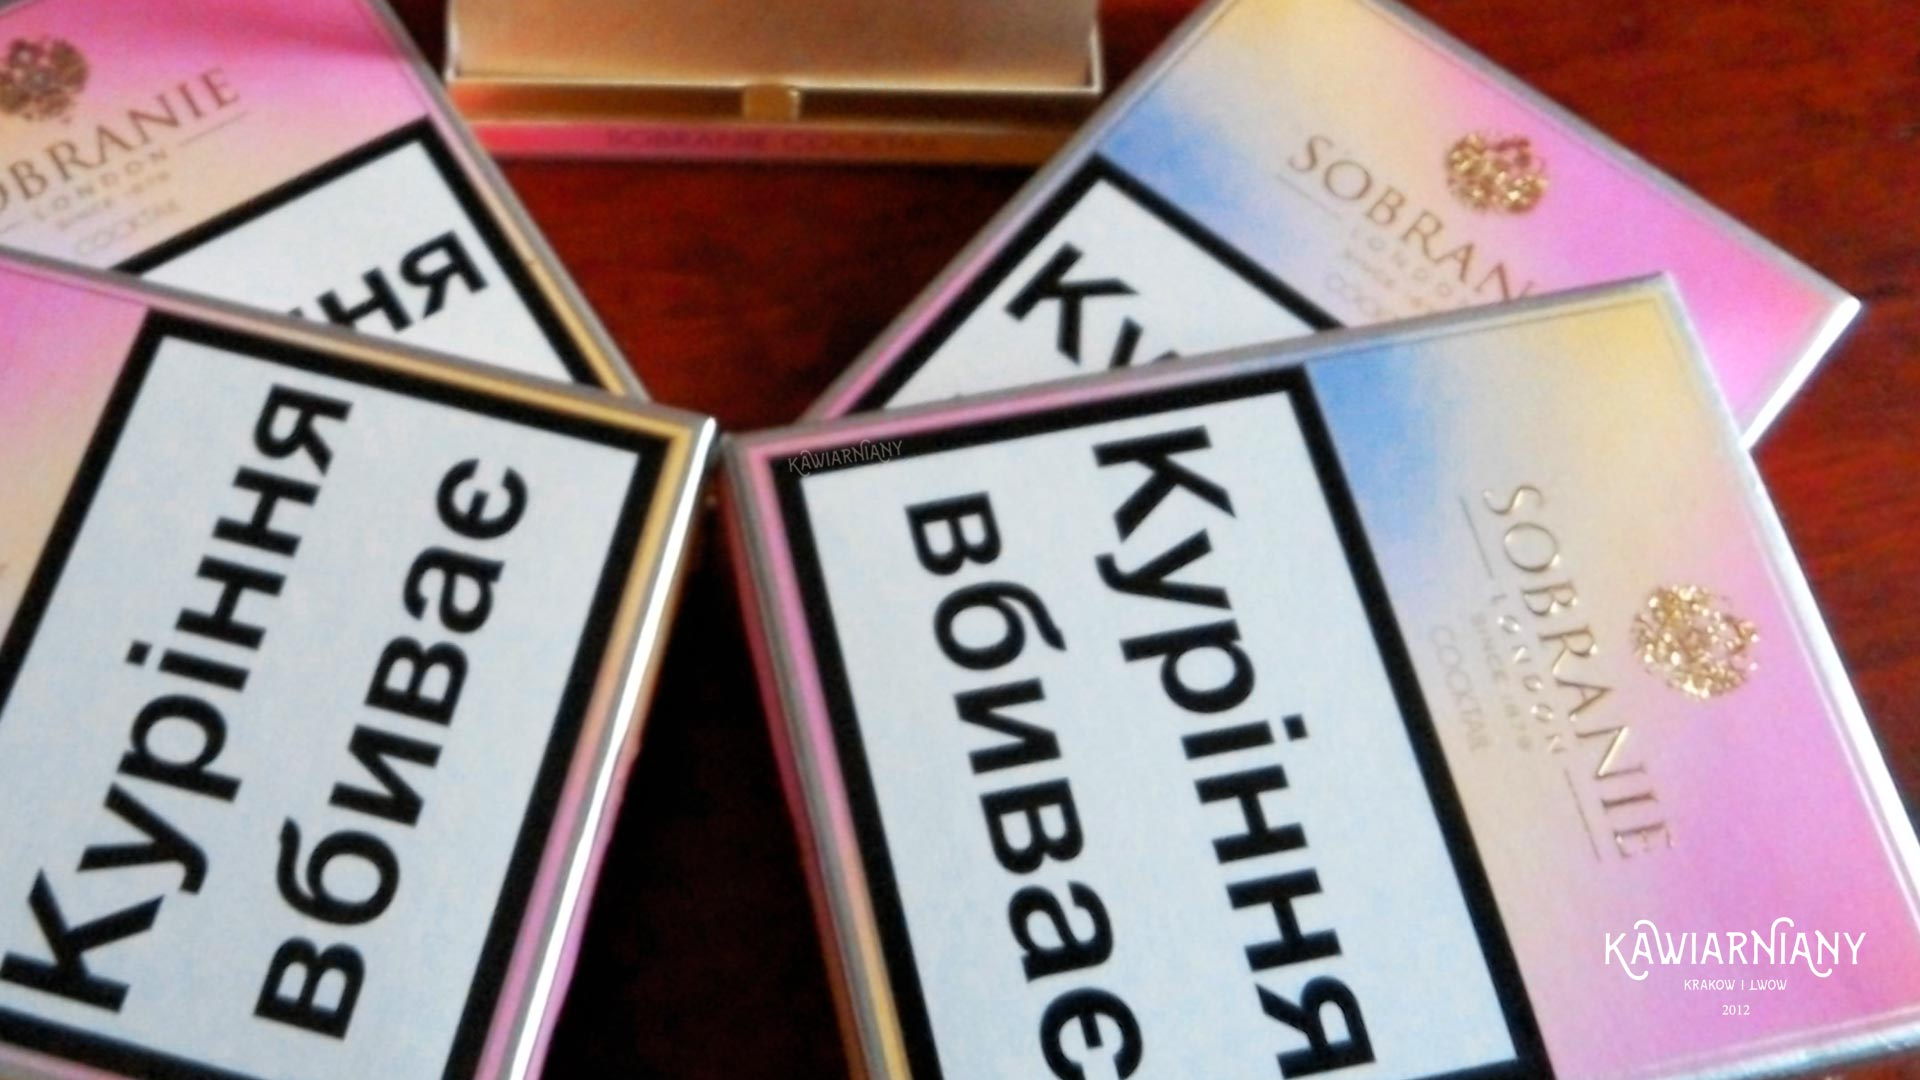 Cena papierosów na Ukrainie